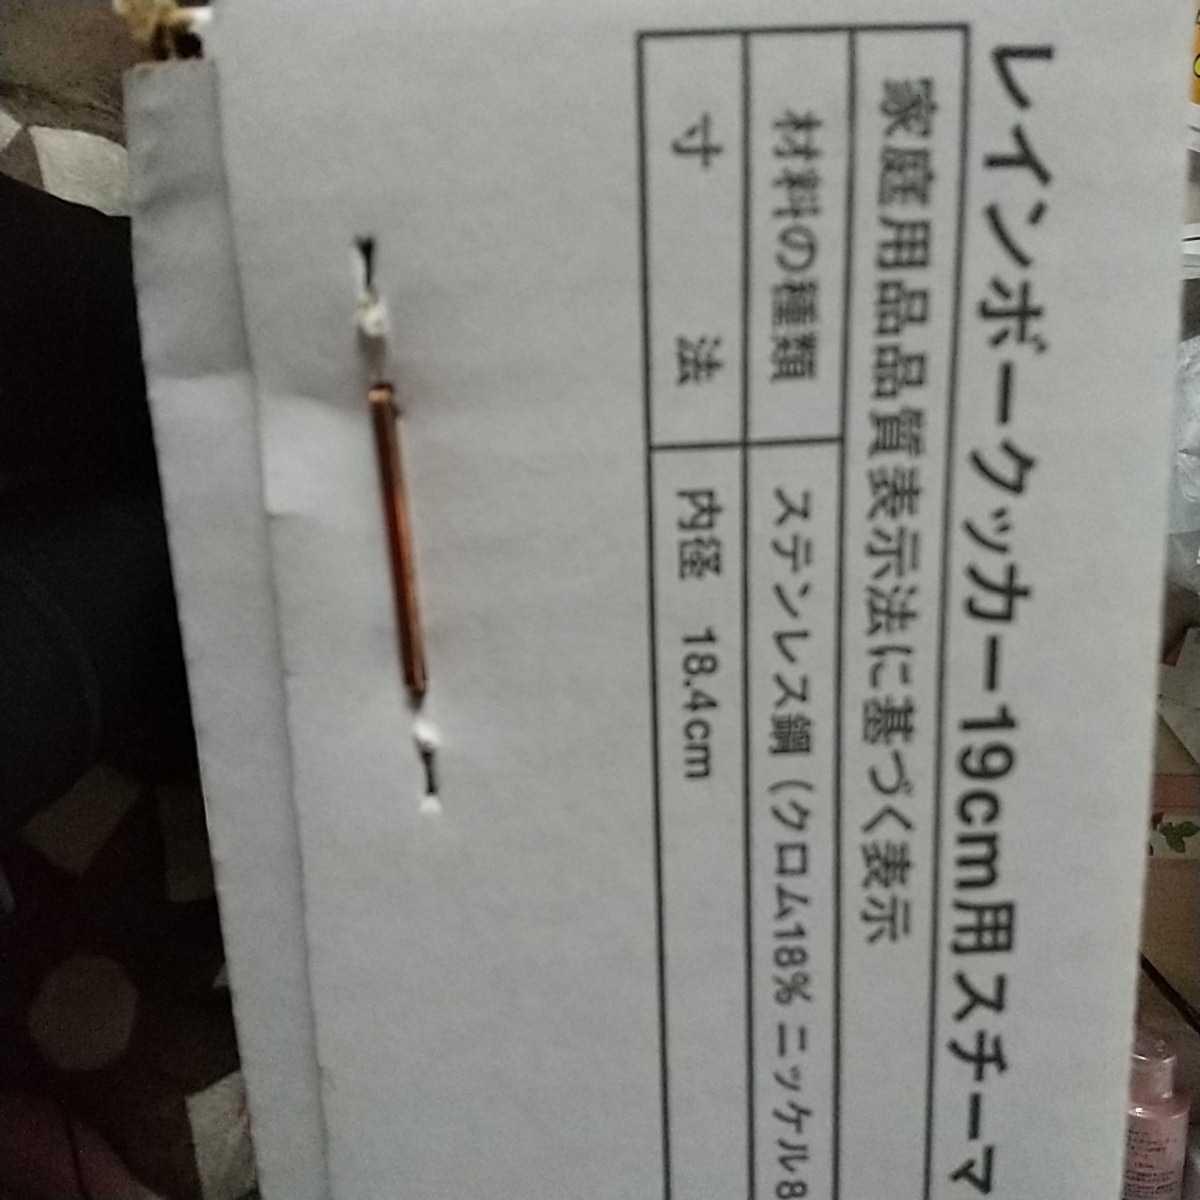 新品 レインボークッカー 19cm スチーマー タッパーウェア スチーマーレシピ付き 送料無料_画像2